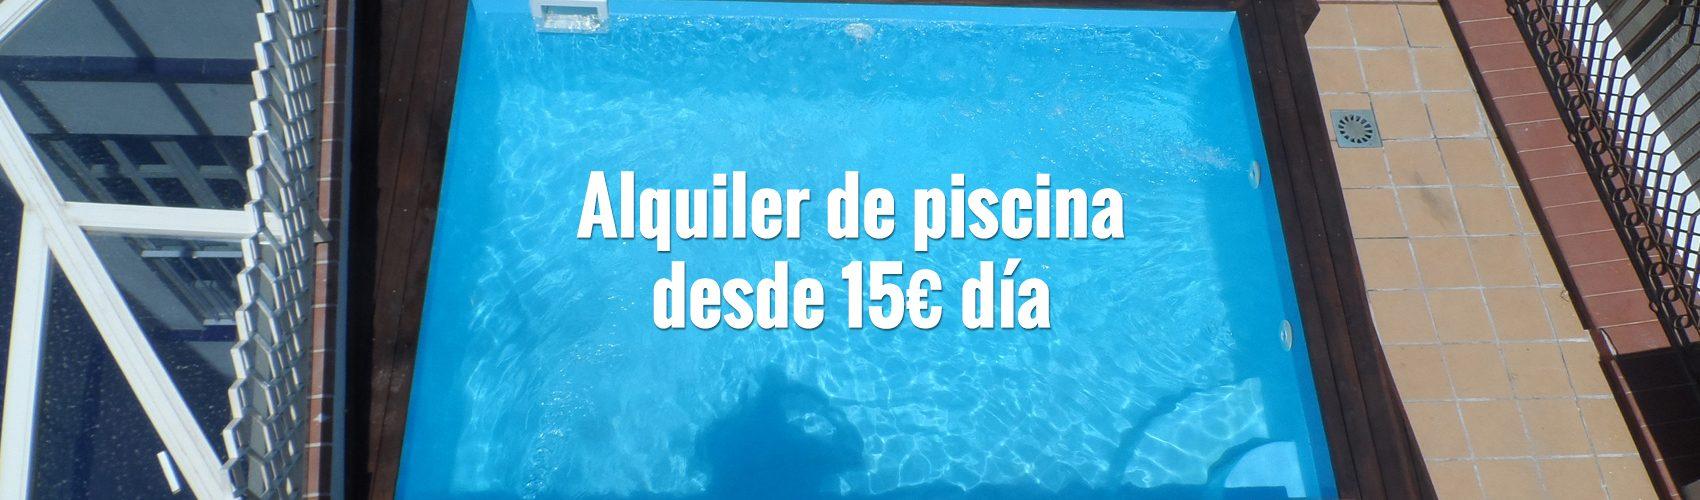 piscinas de alquiler